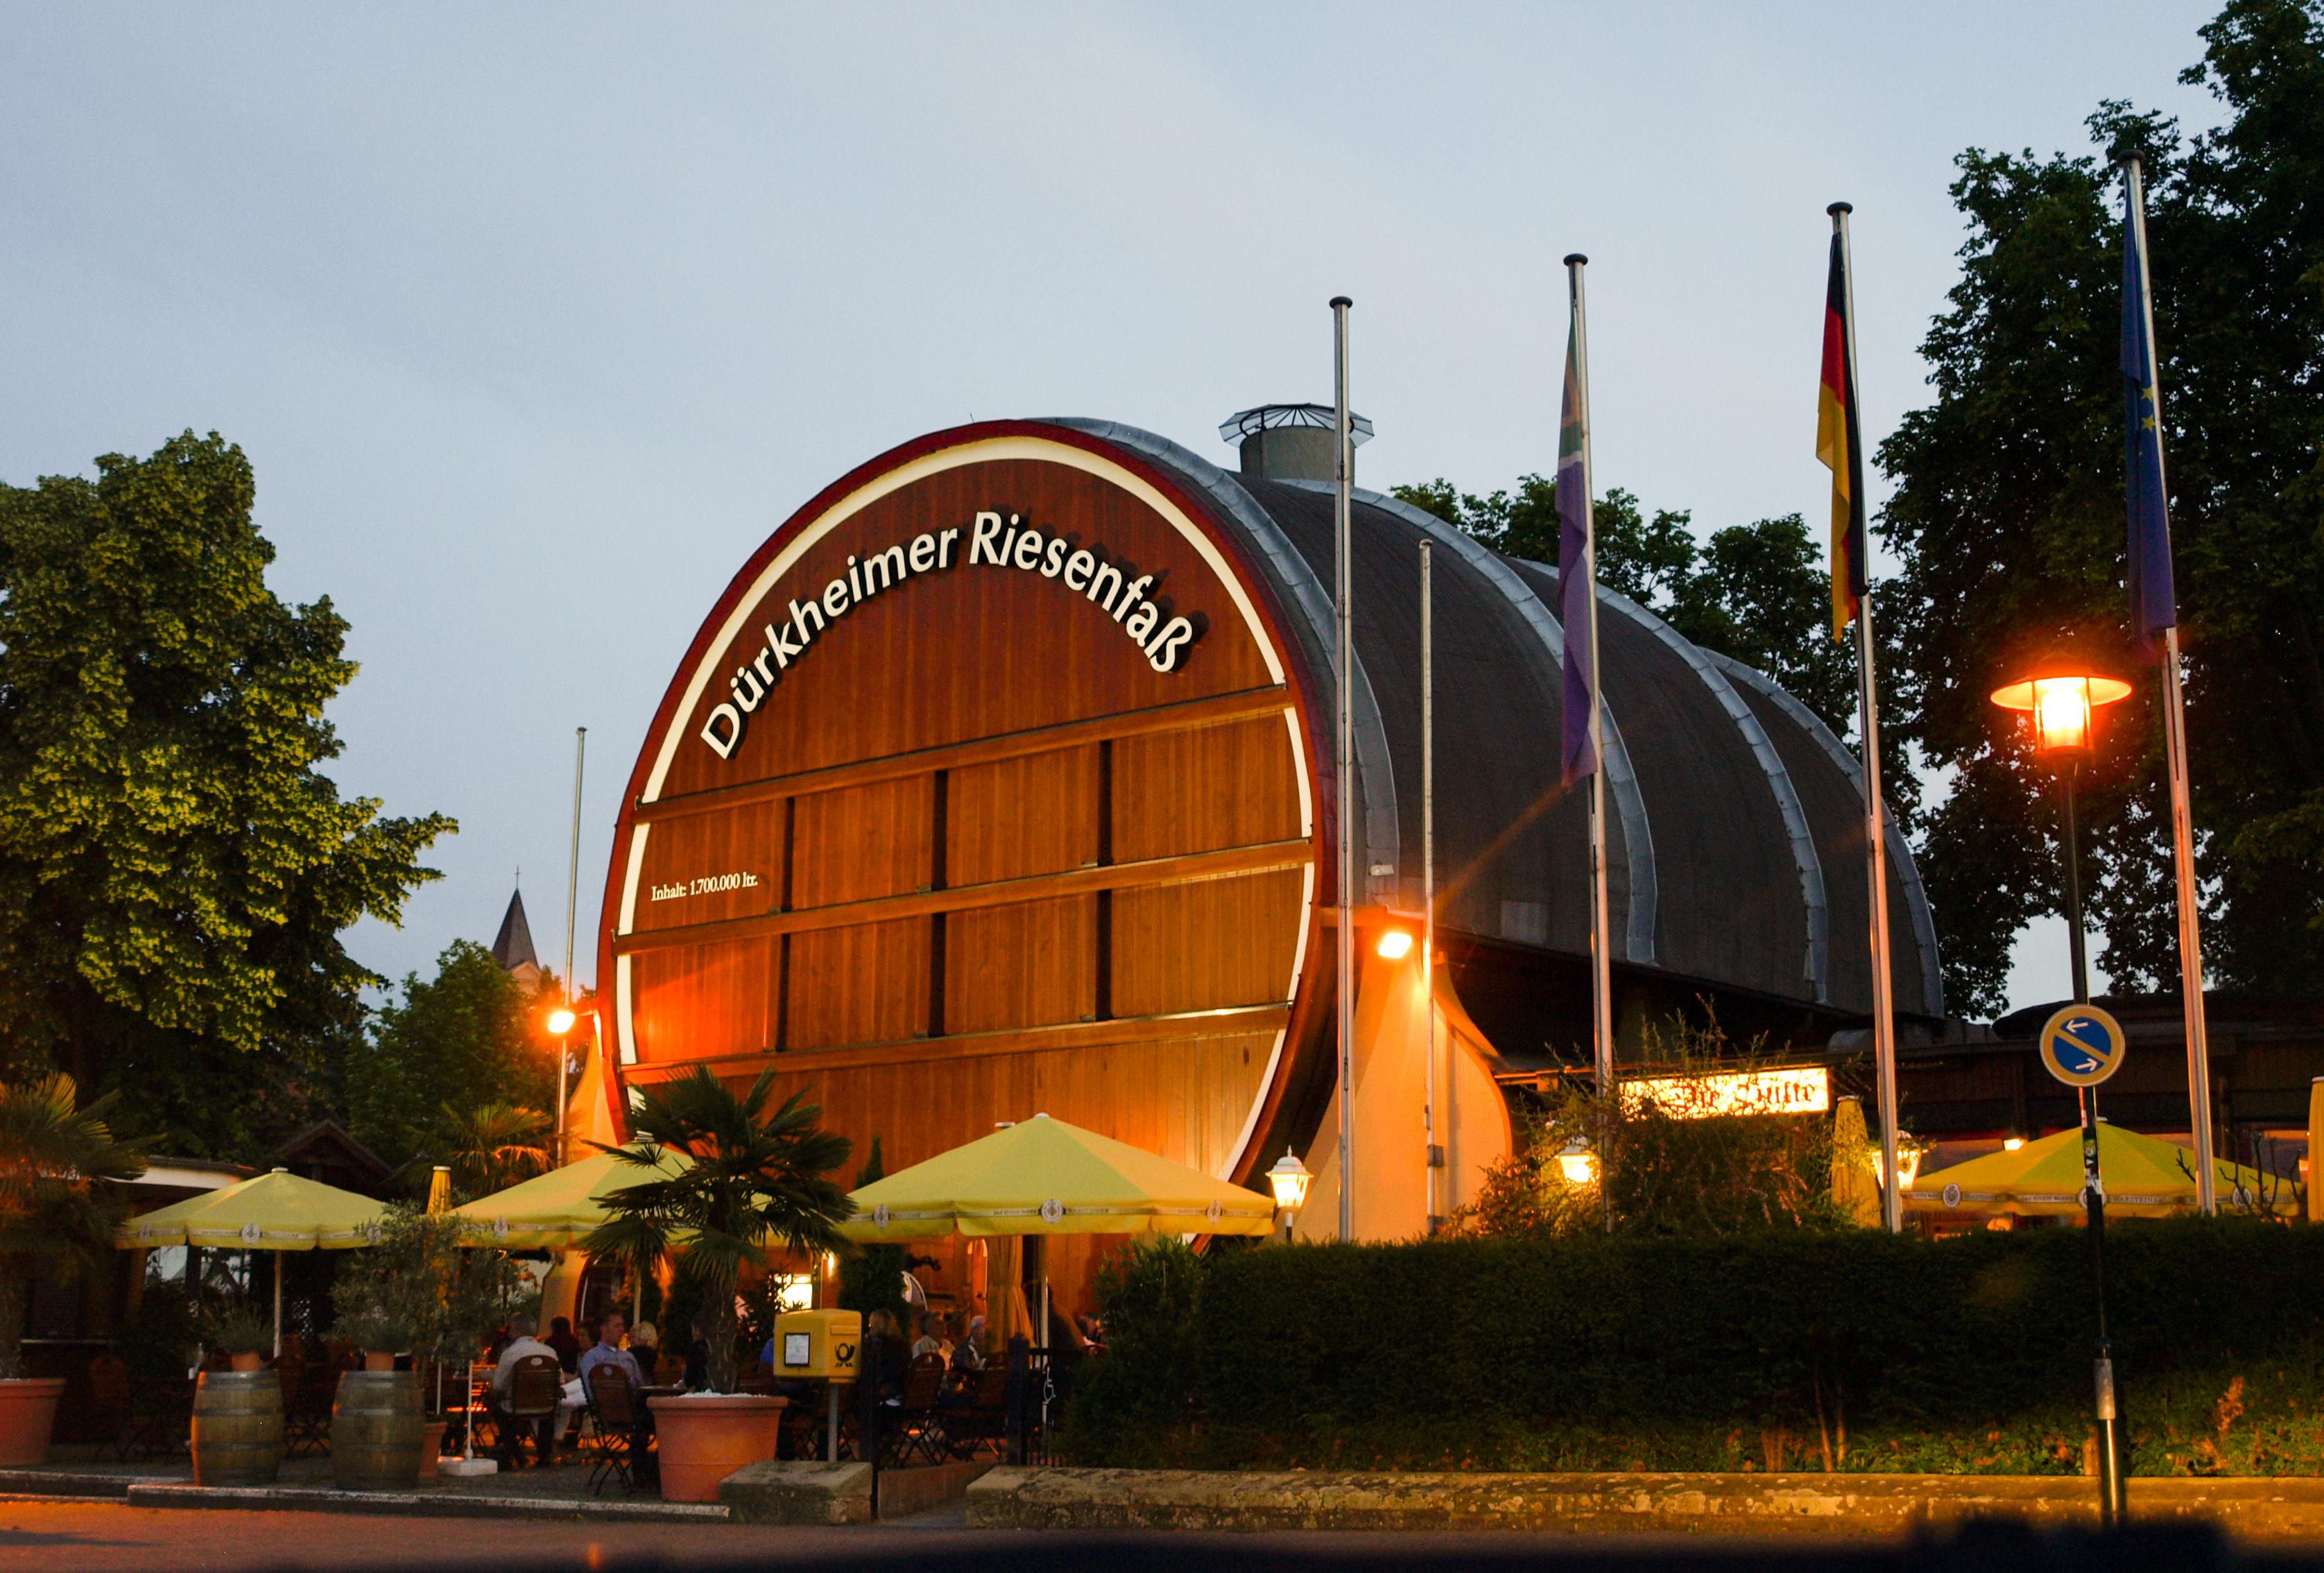 Dürkheimer Fass Ferienwohnung Maier Bad Dürkheim Ungstein Wurstmarkt Wurstmarktsplatz Freizeitangebot Bad Dürkheim